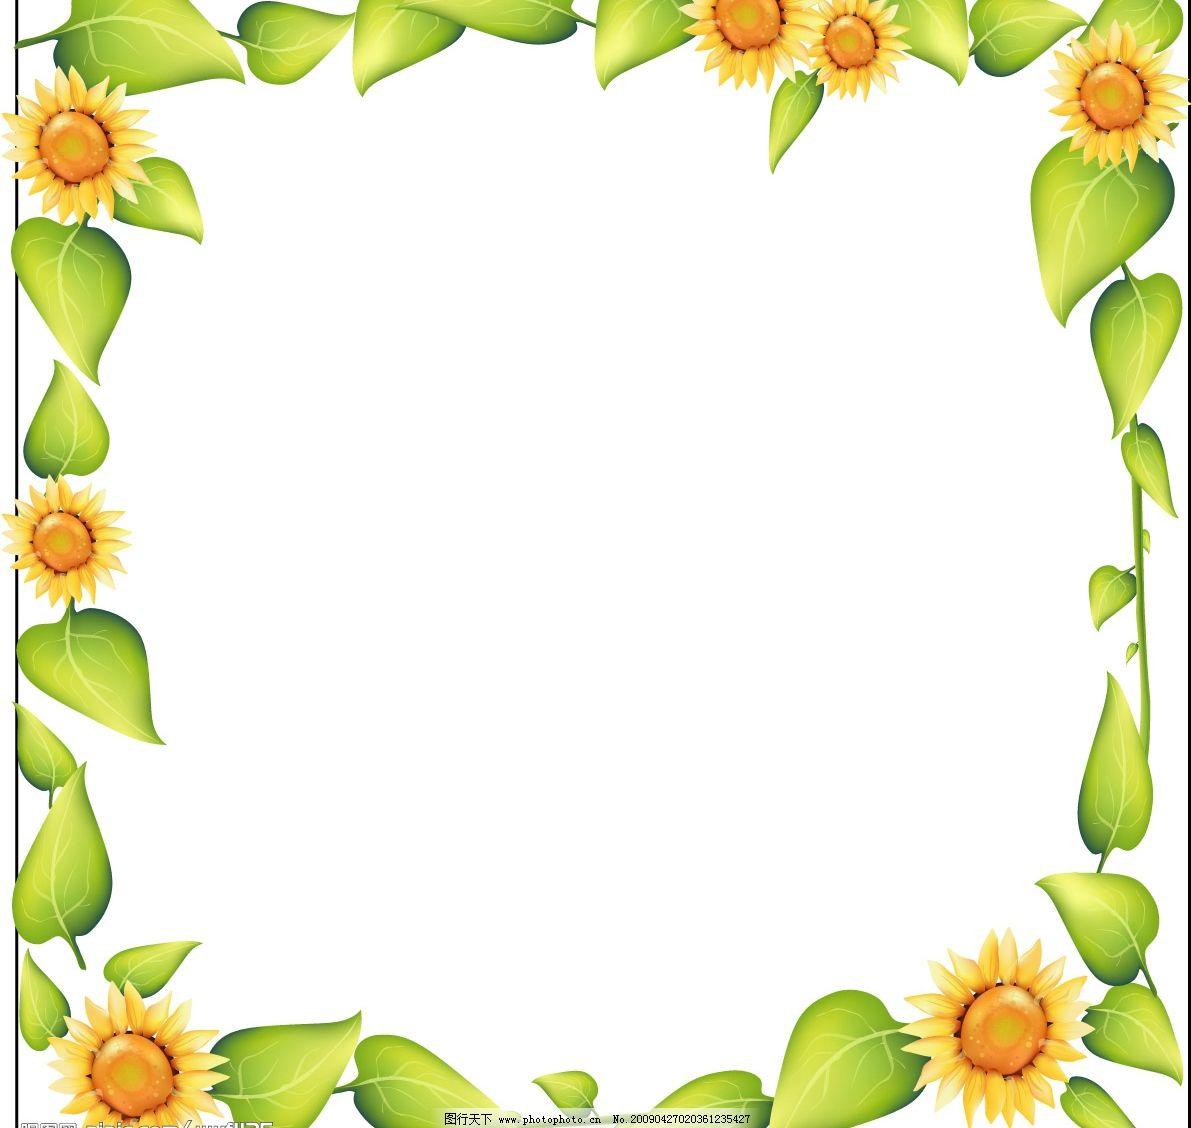 向日葵边框图片